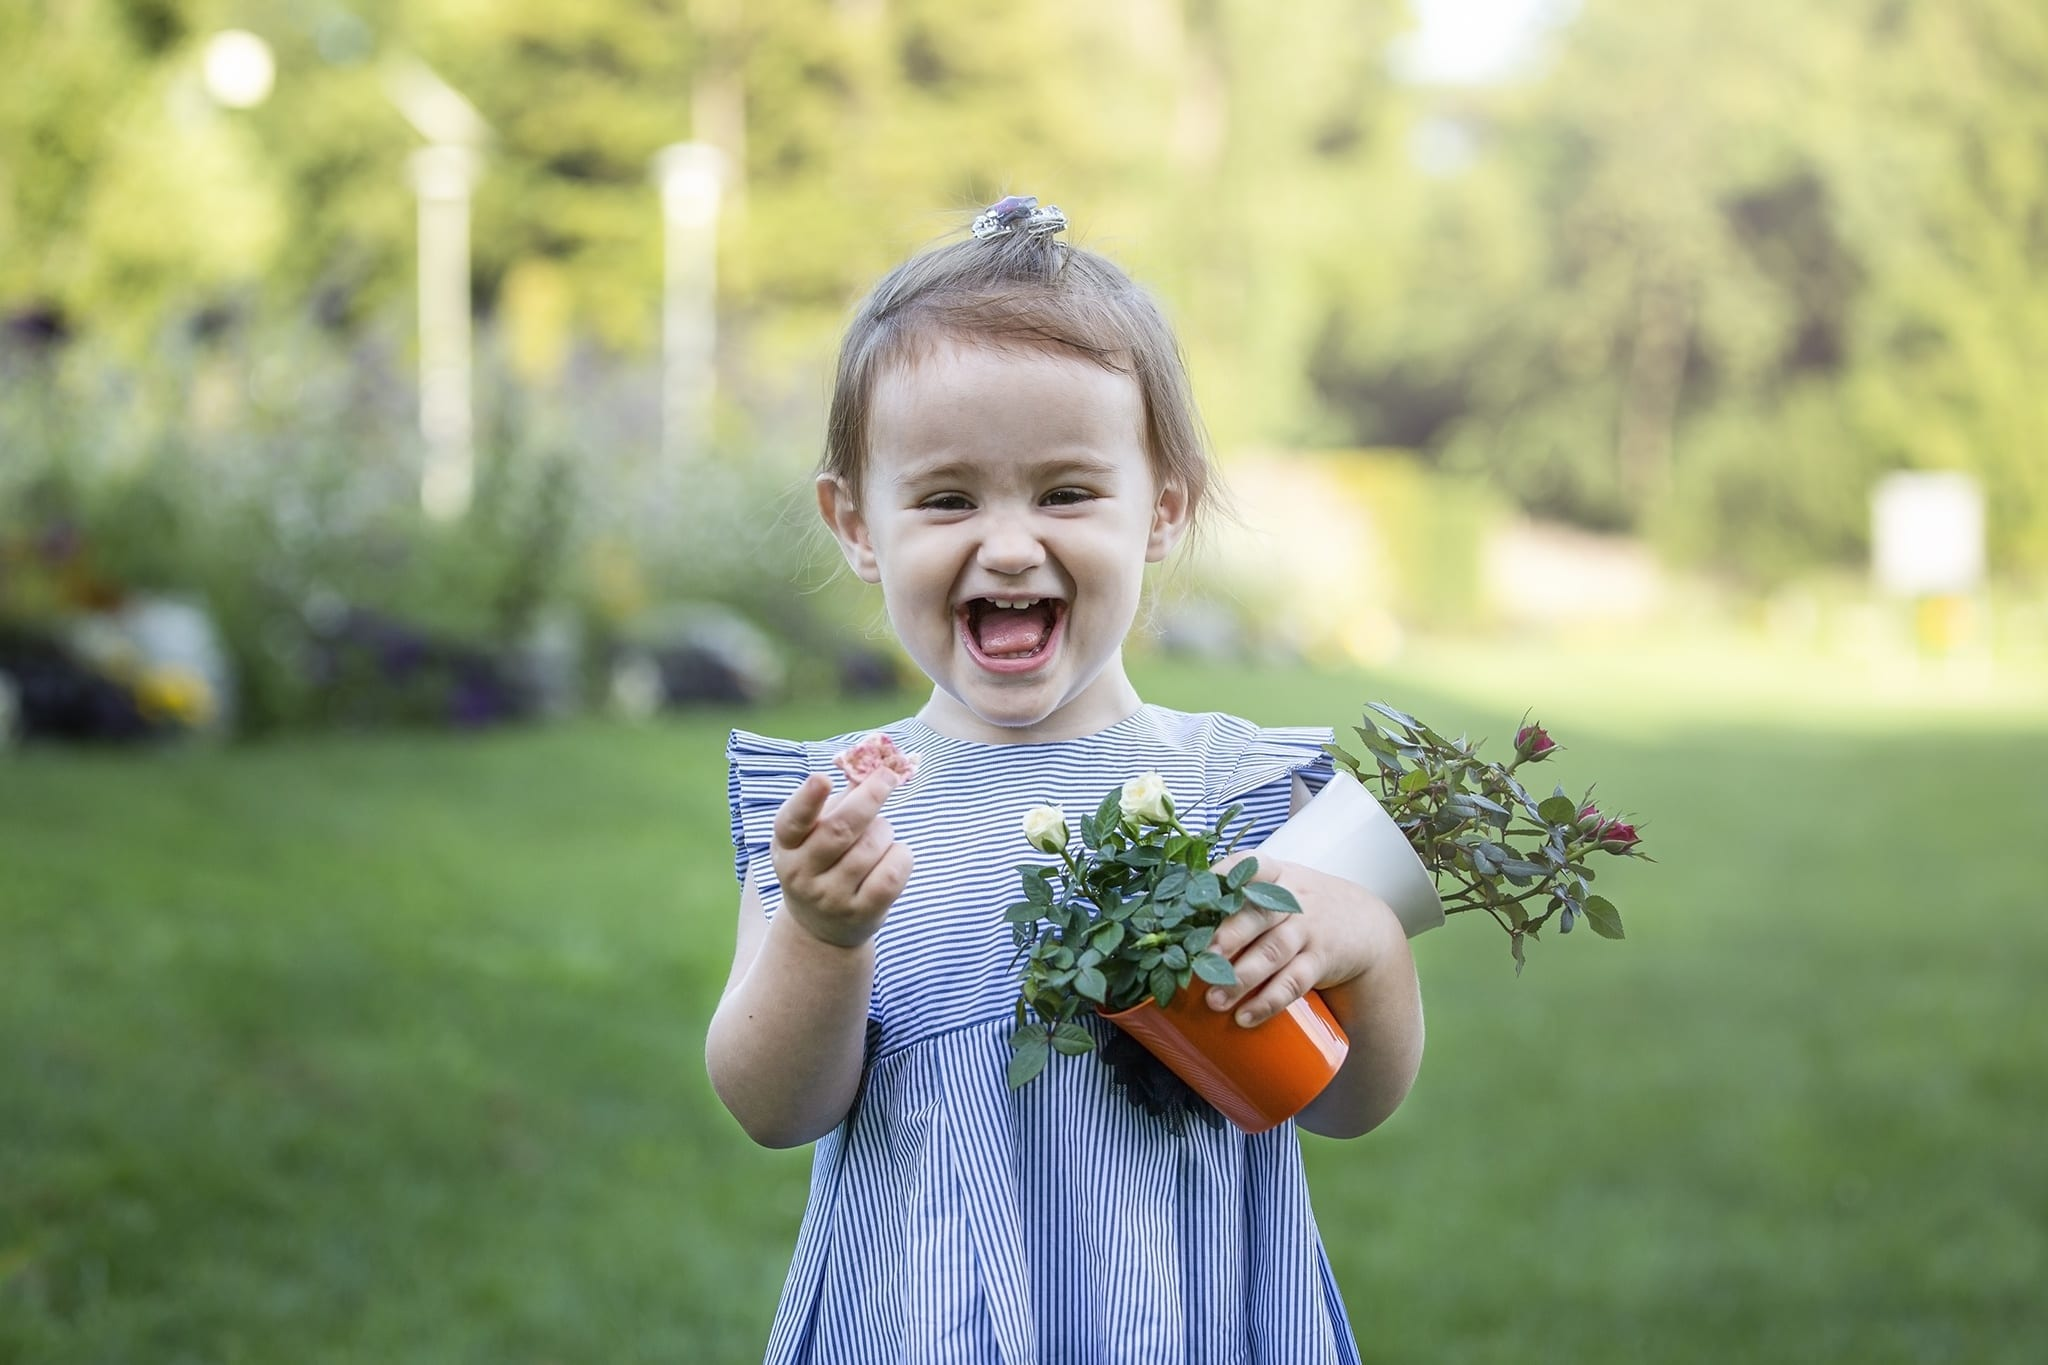 Mosolygós gyermekfotó sorozat budapesten